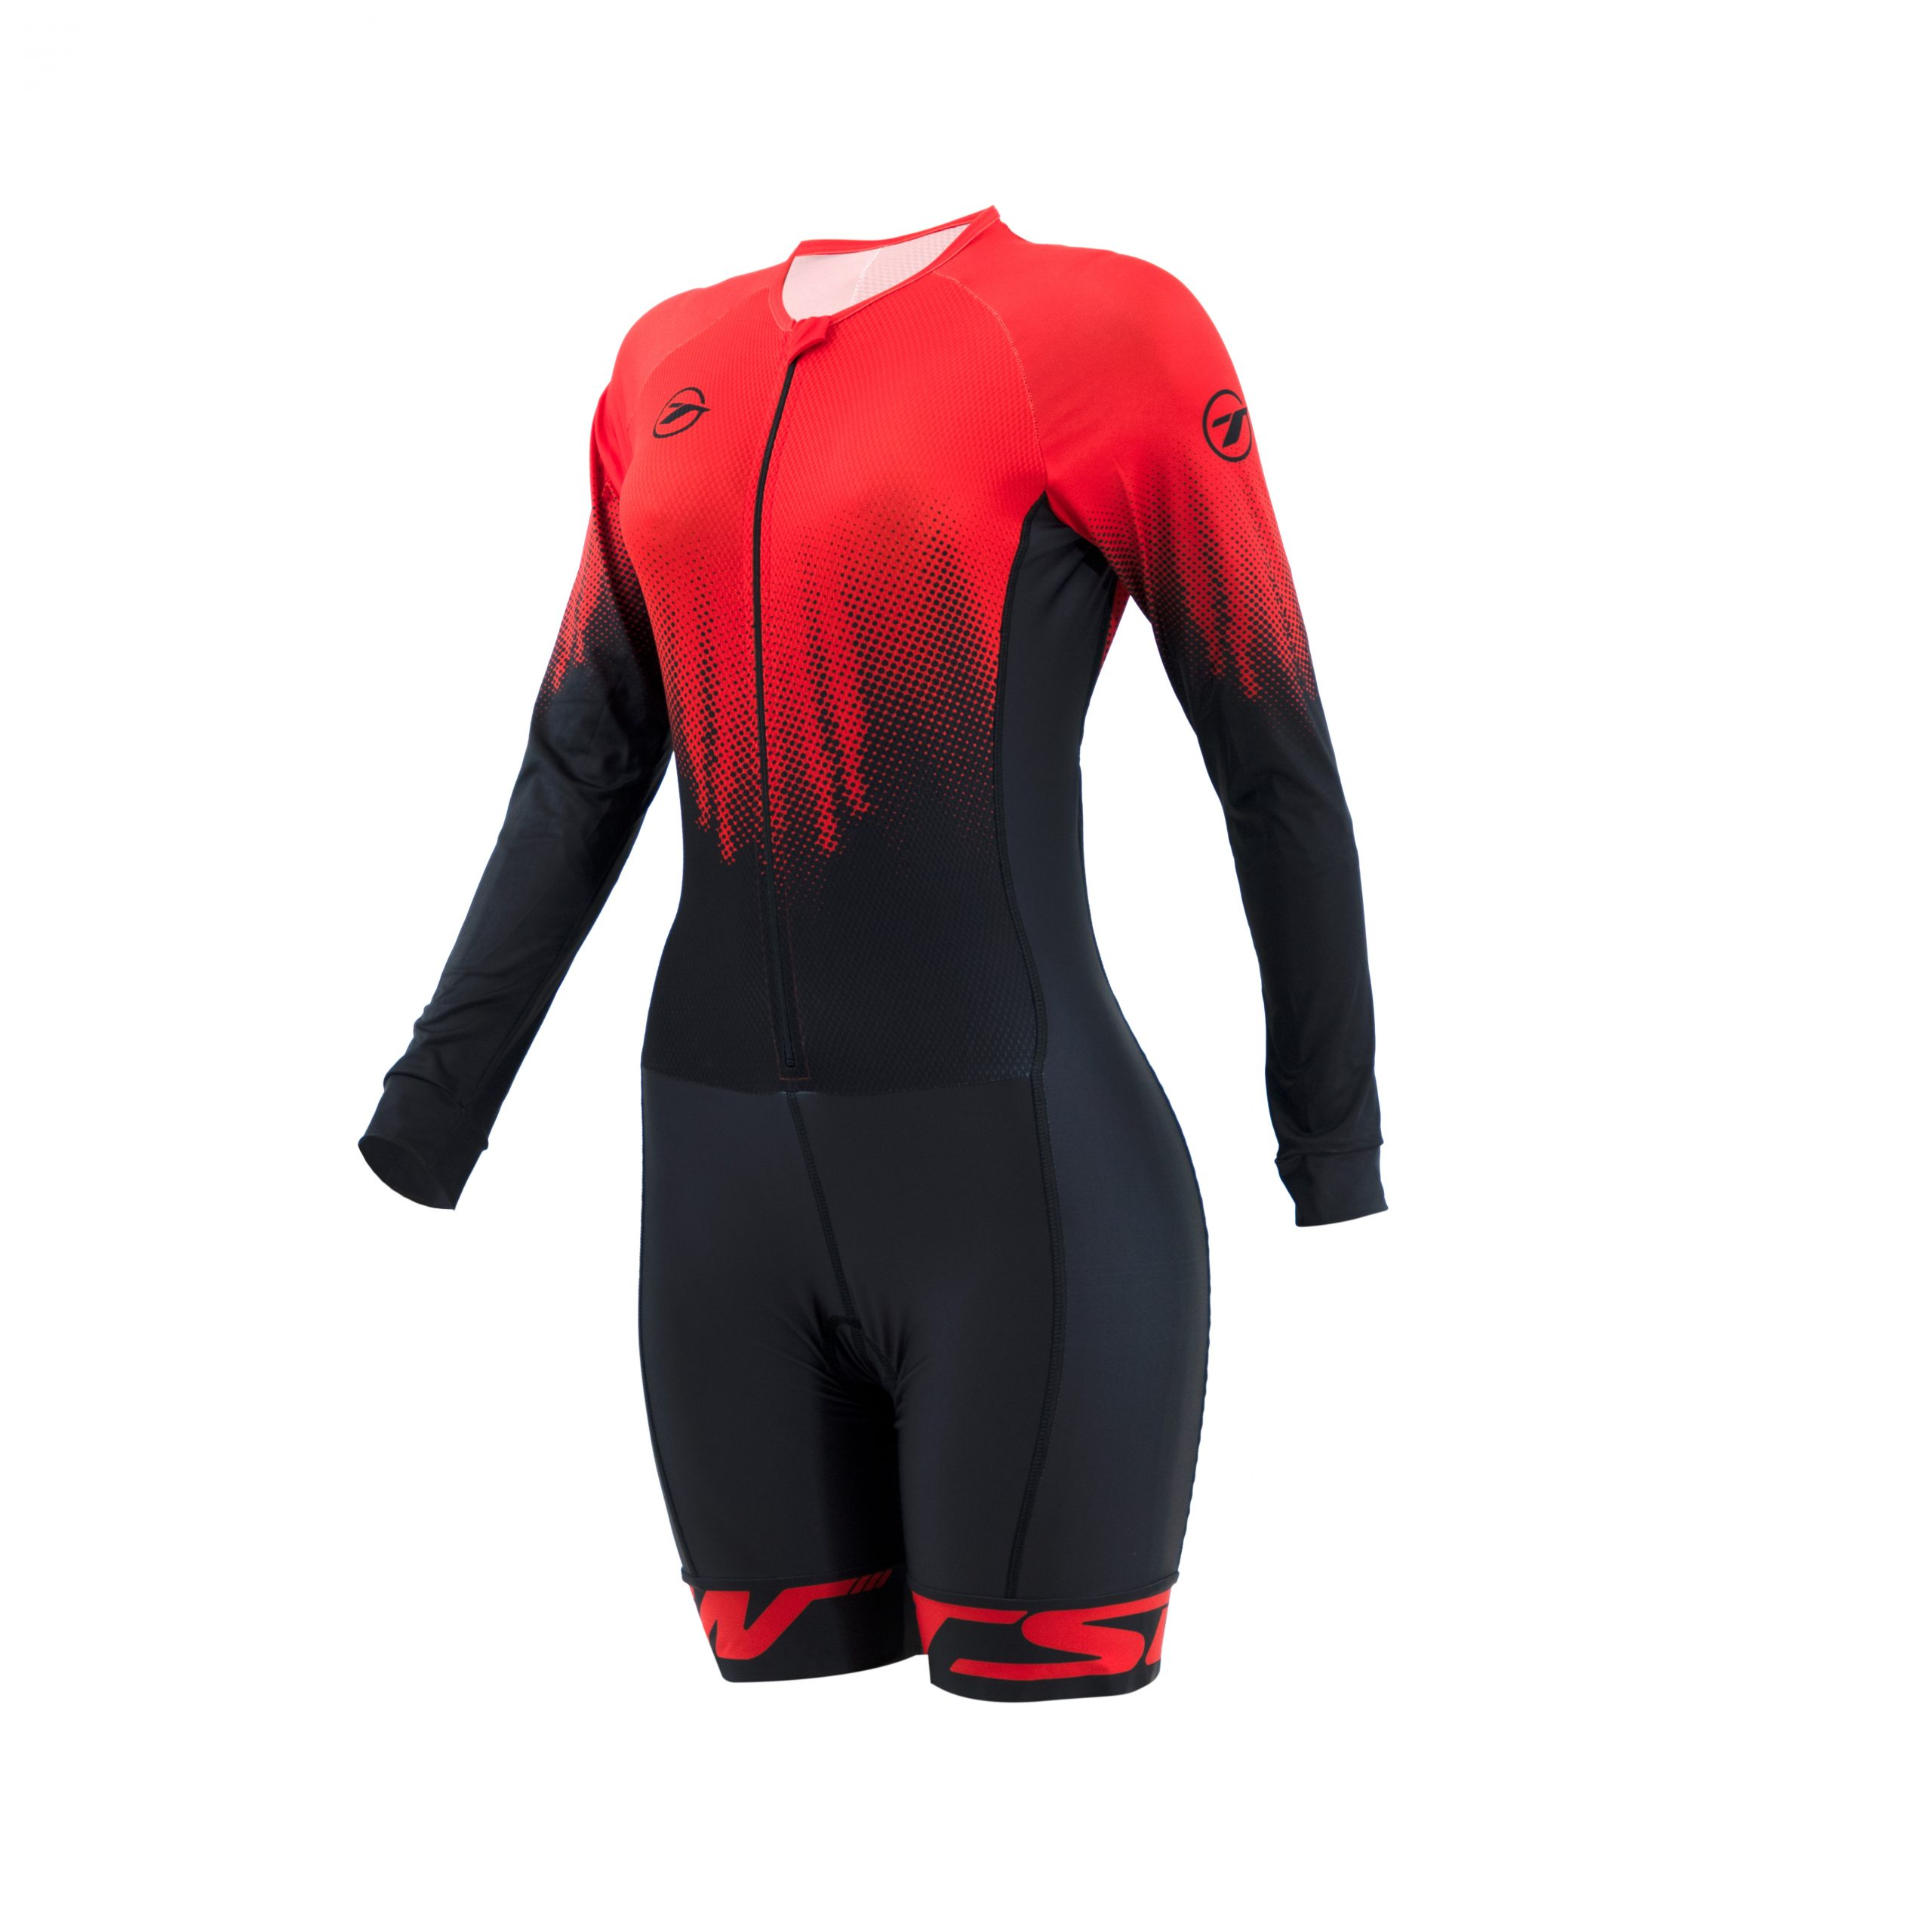 Macaquinho manga longa para ciclismo Team Race 3